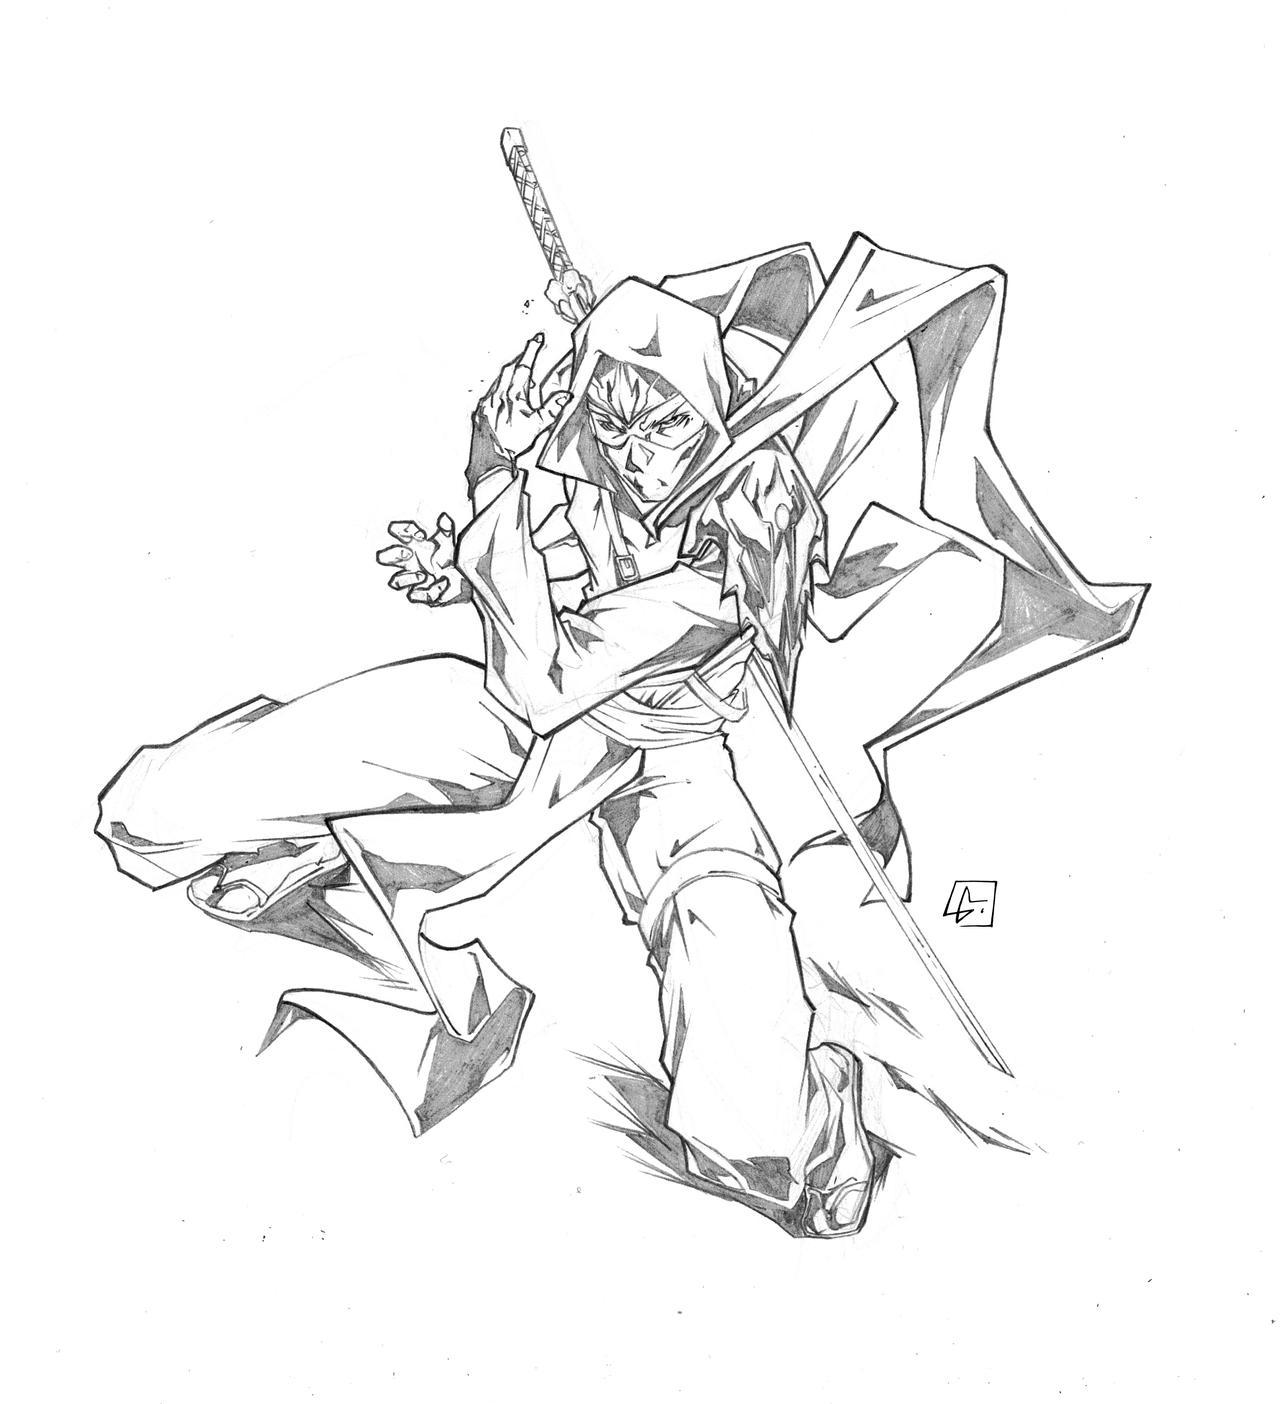 Uncategorized Drawing Ninjas ninja commission by marvelmania on deviantart marvelmania